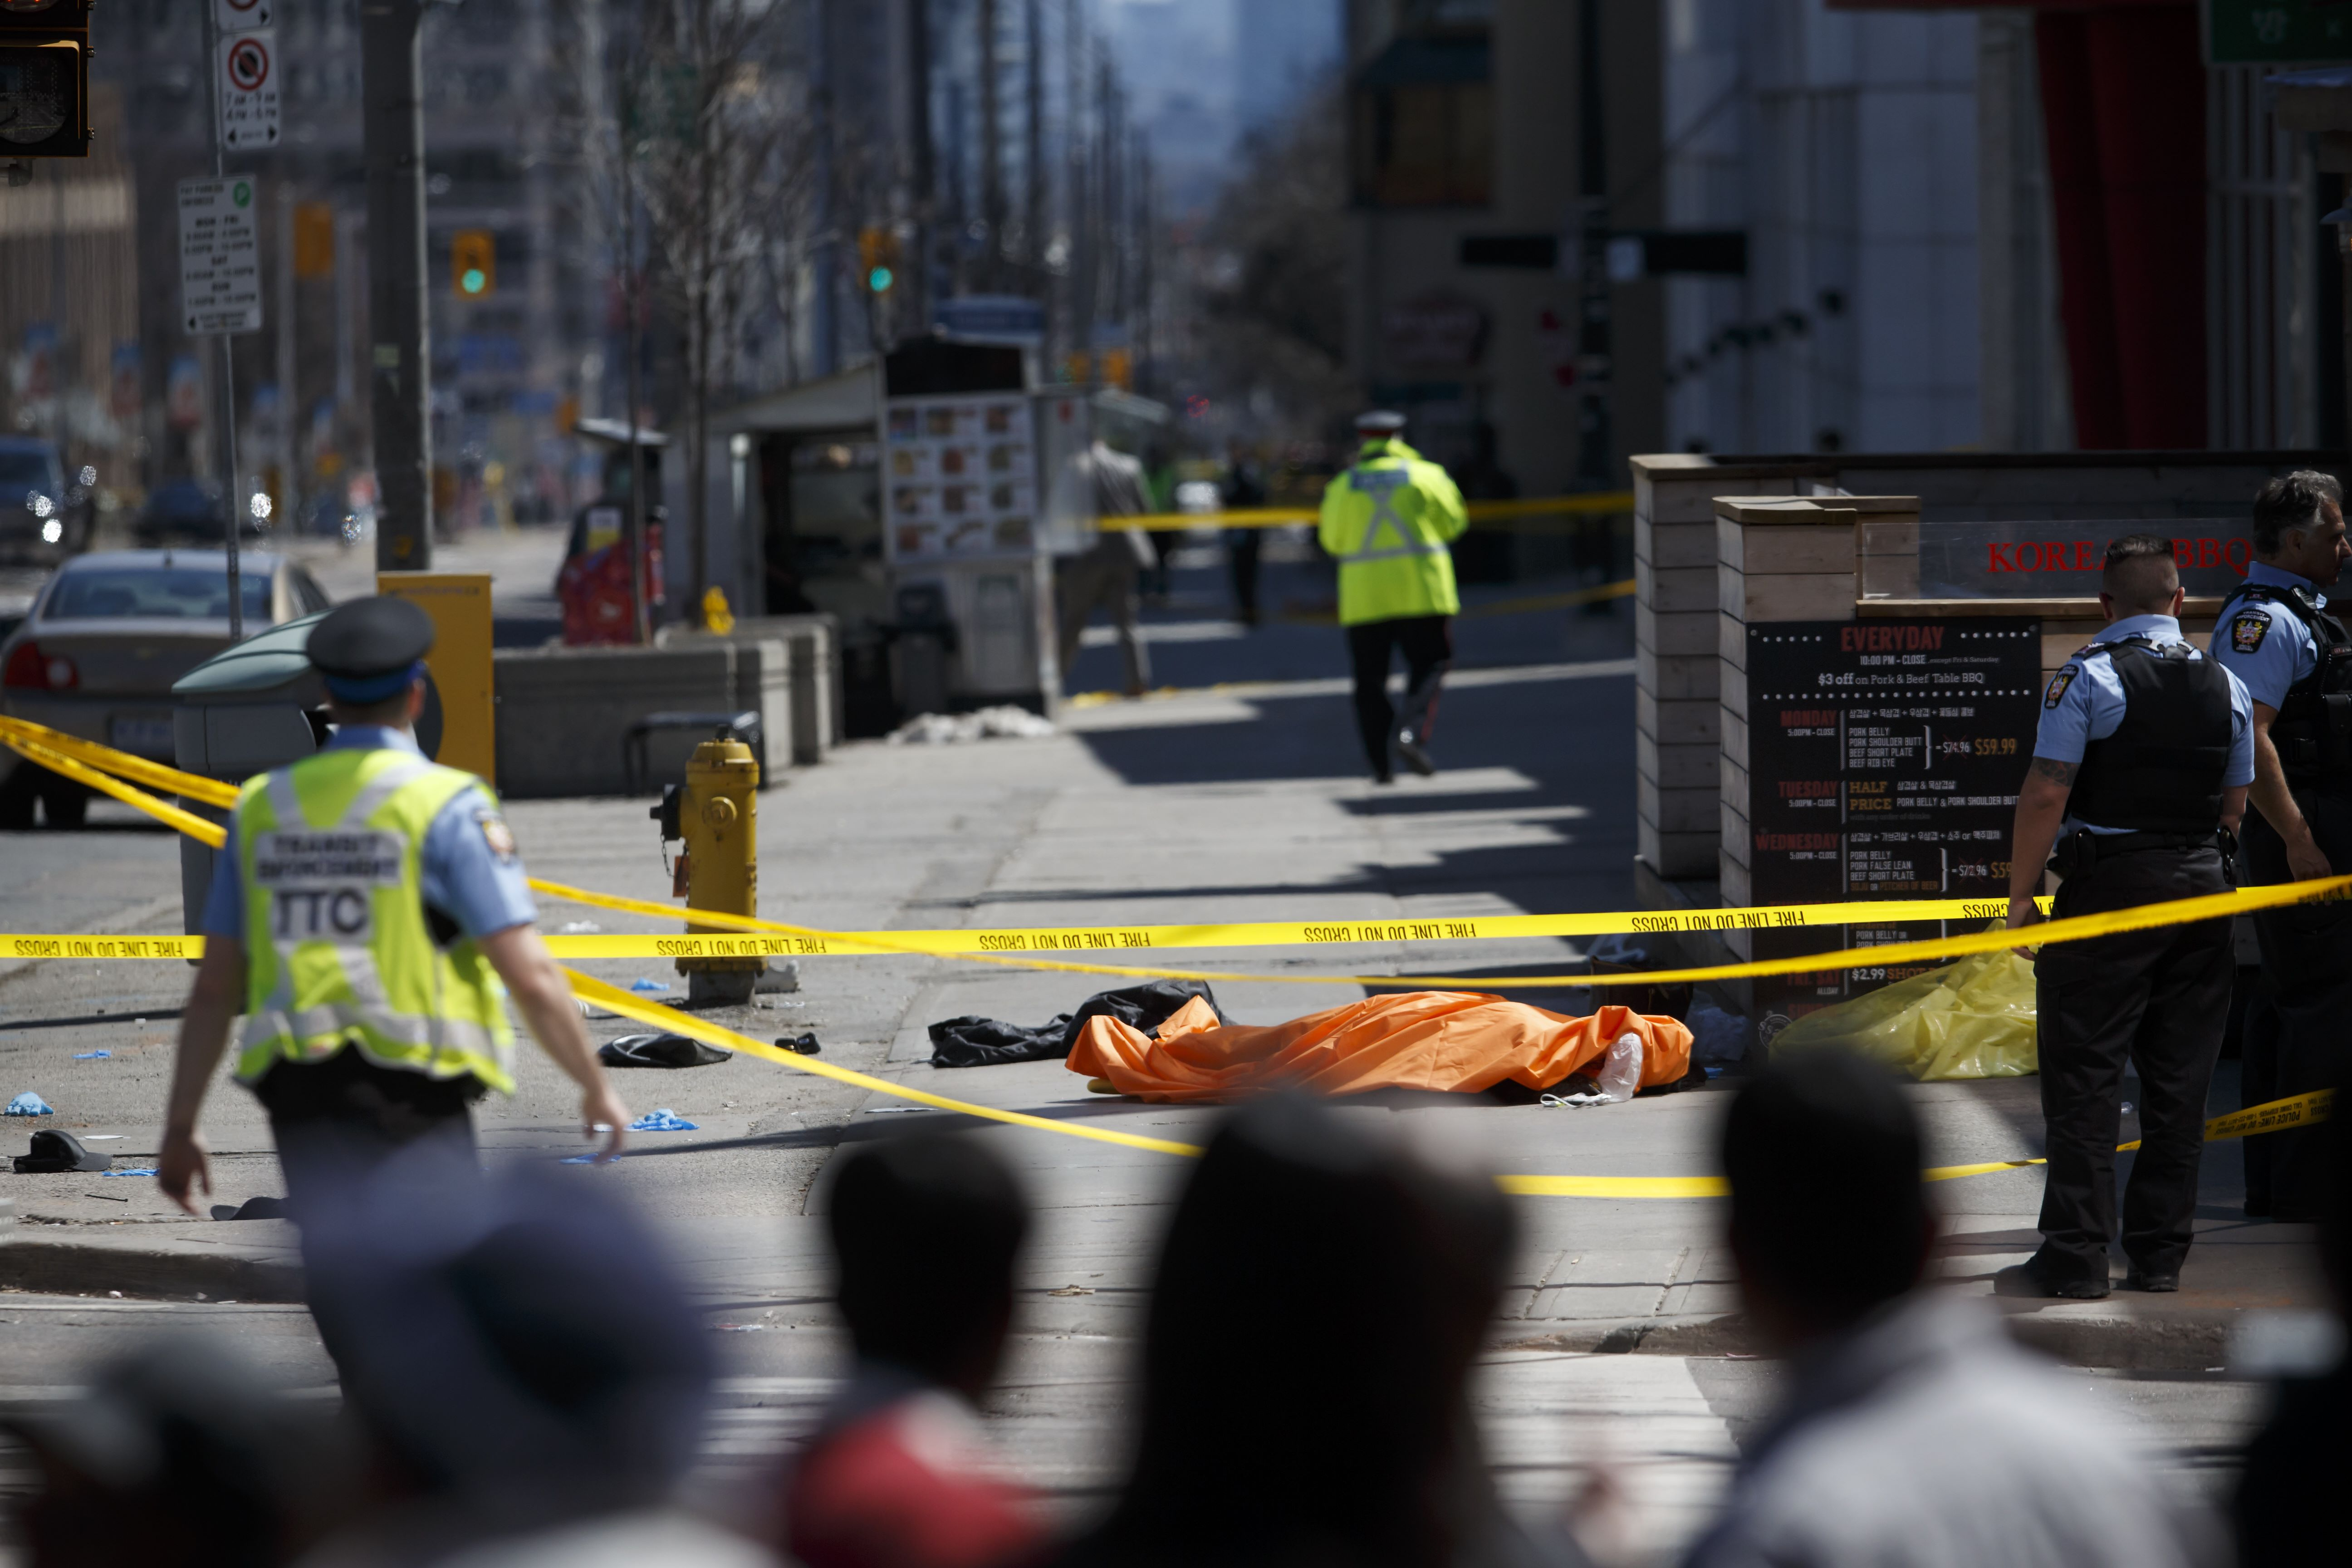 Condutor de carrinha ofereceu resistência à polícia — Toronto